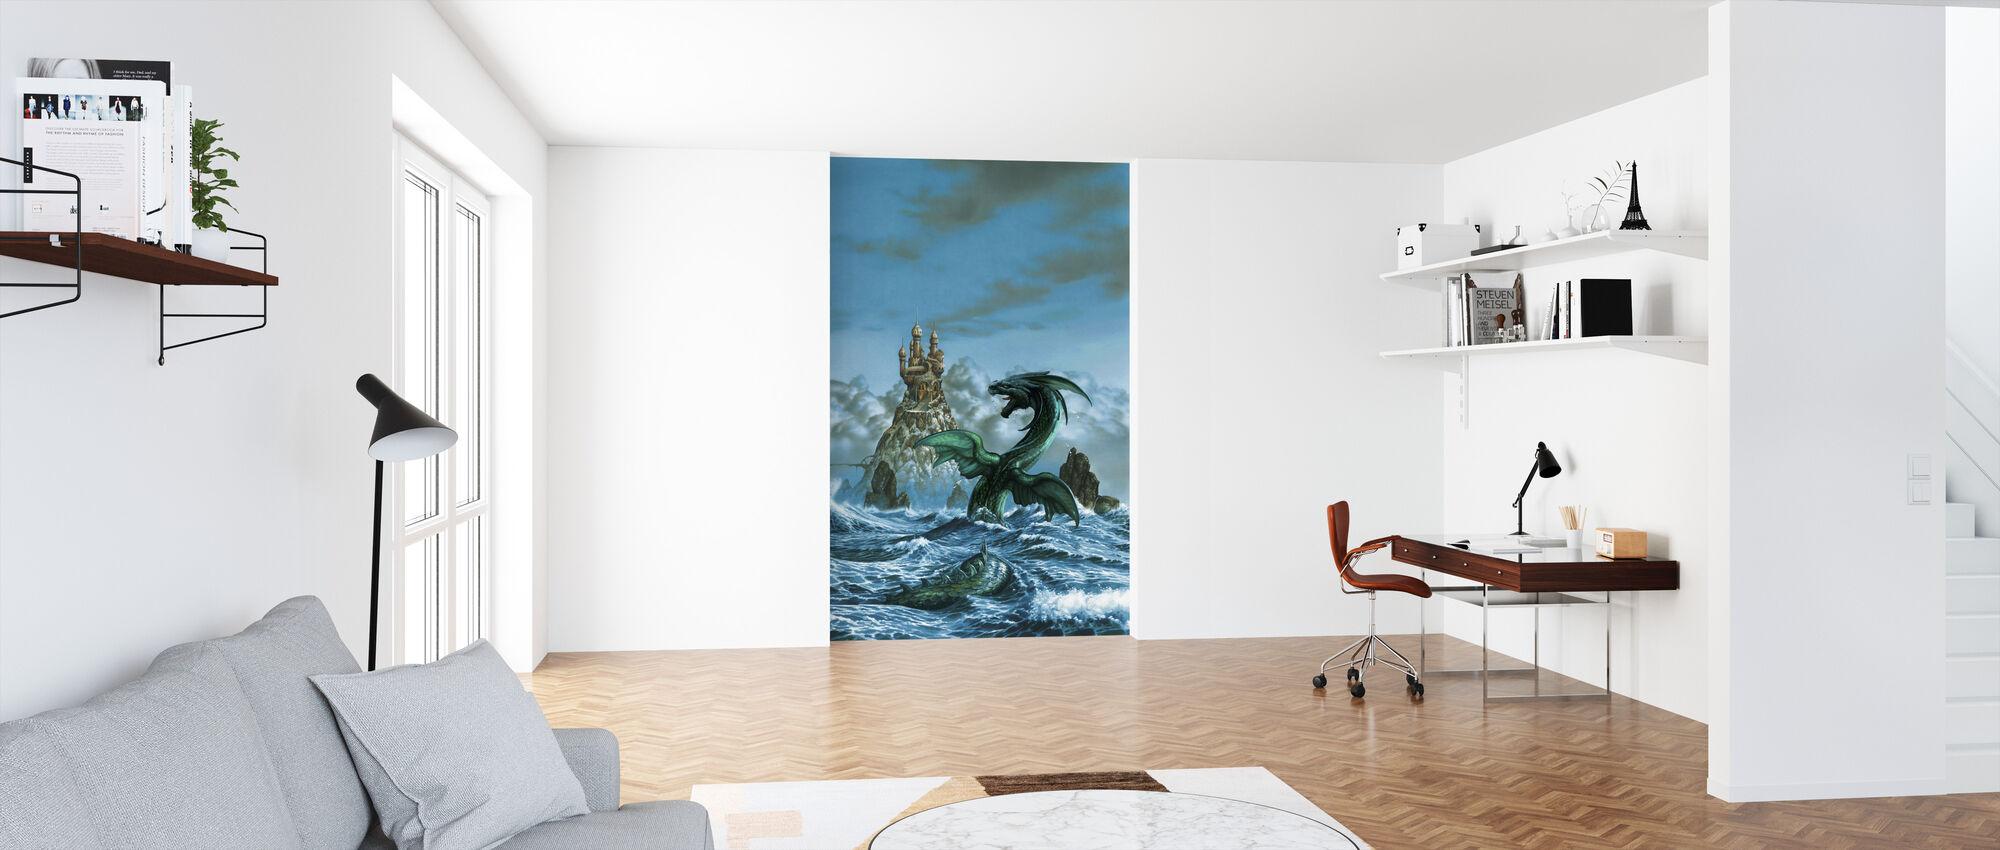 Dragon Mar - Tapet - Kontor